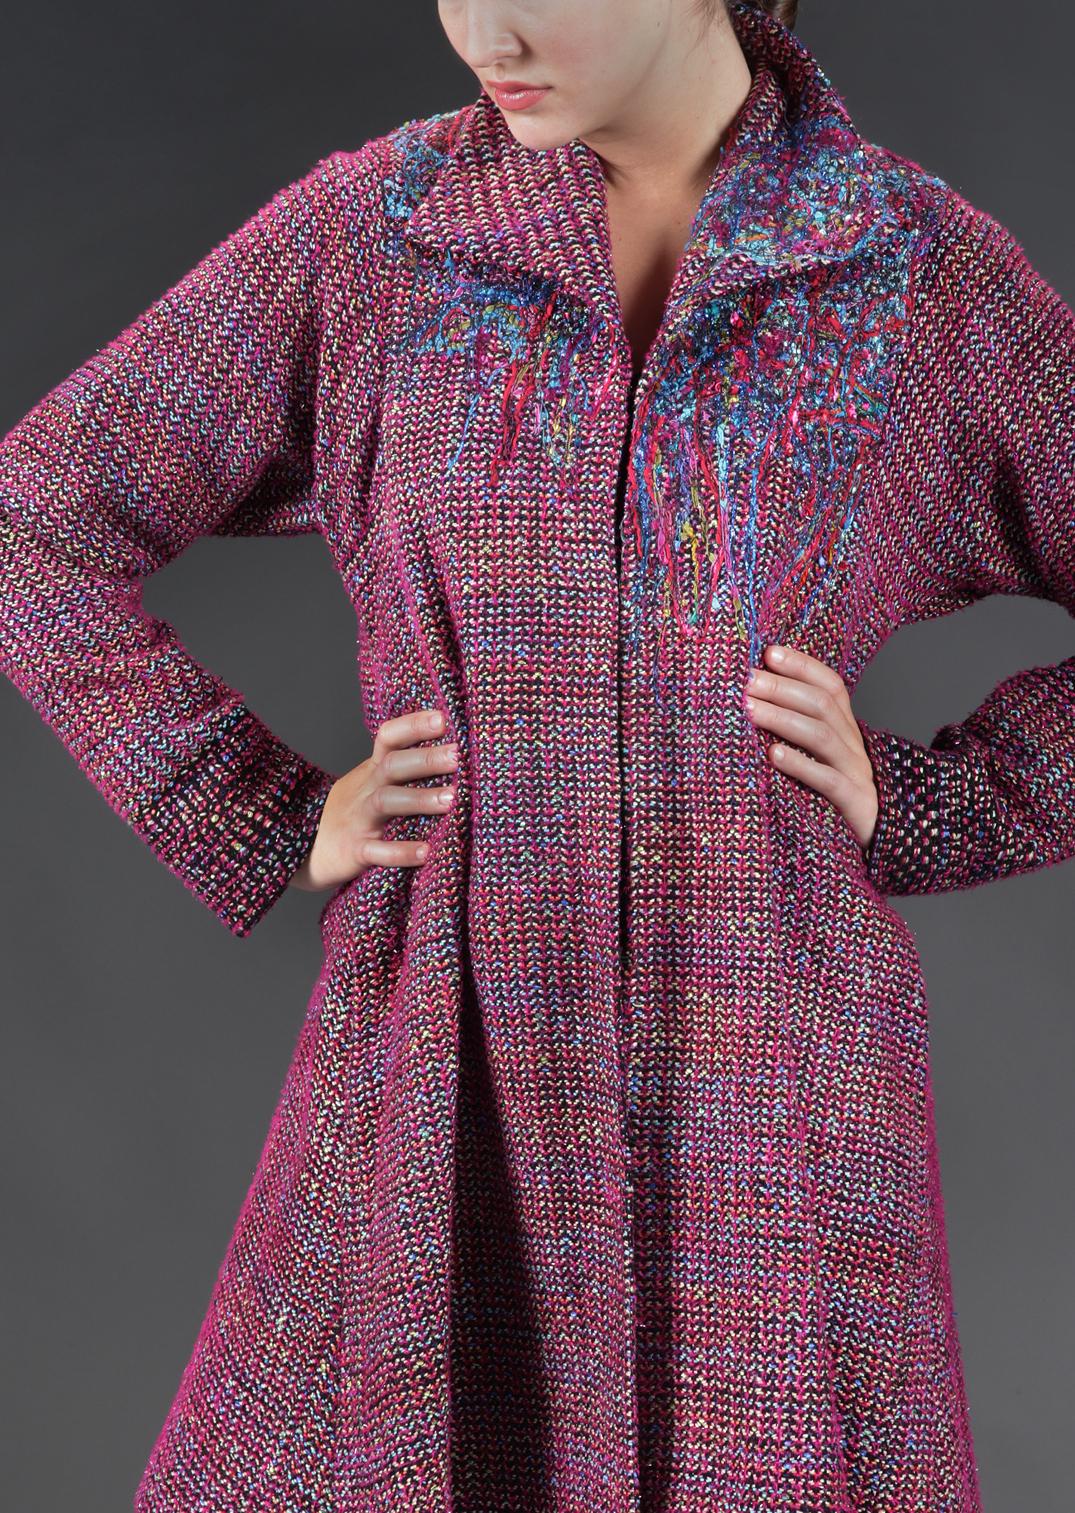 Handwoven Coat, Kathleen Weir-West, Business Wear 4.jpg